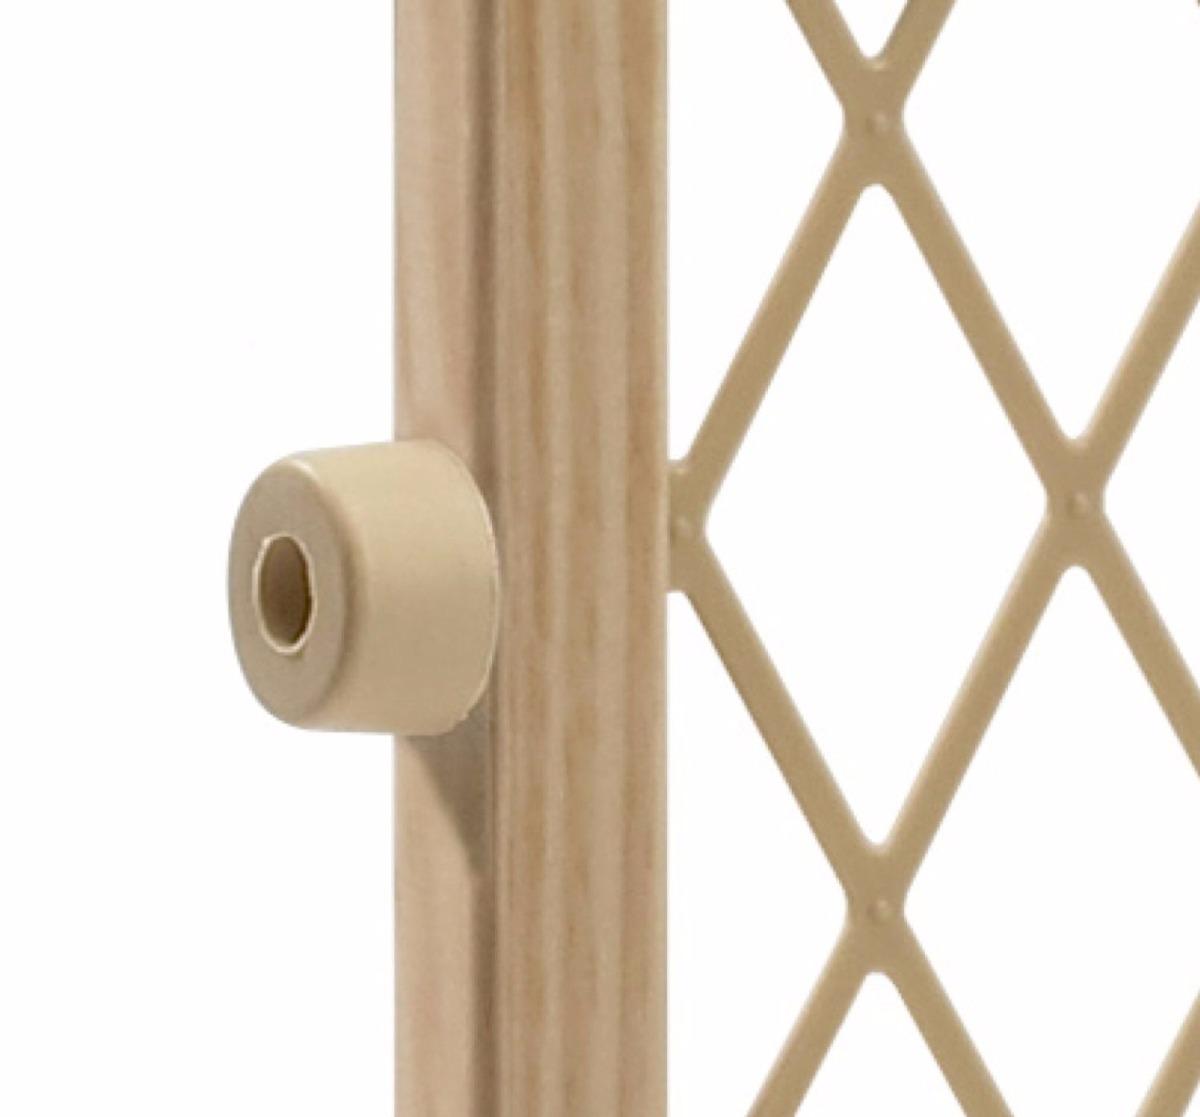 Puerta reja de madera evenflo seguridad bloqueo bebes - Puertas de seguridad para ninos ...